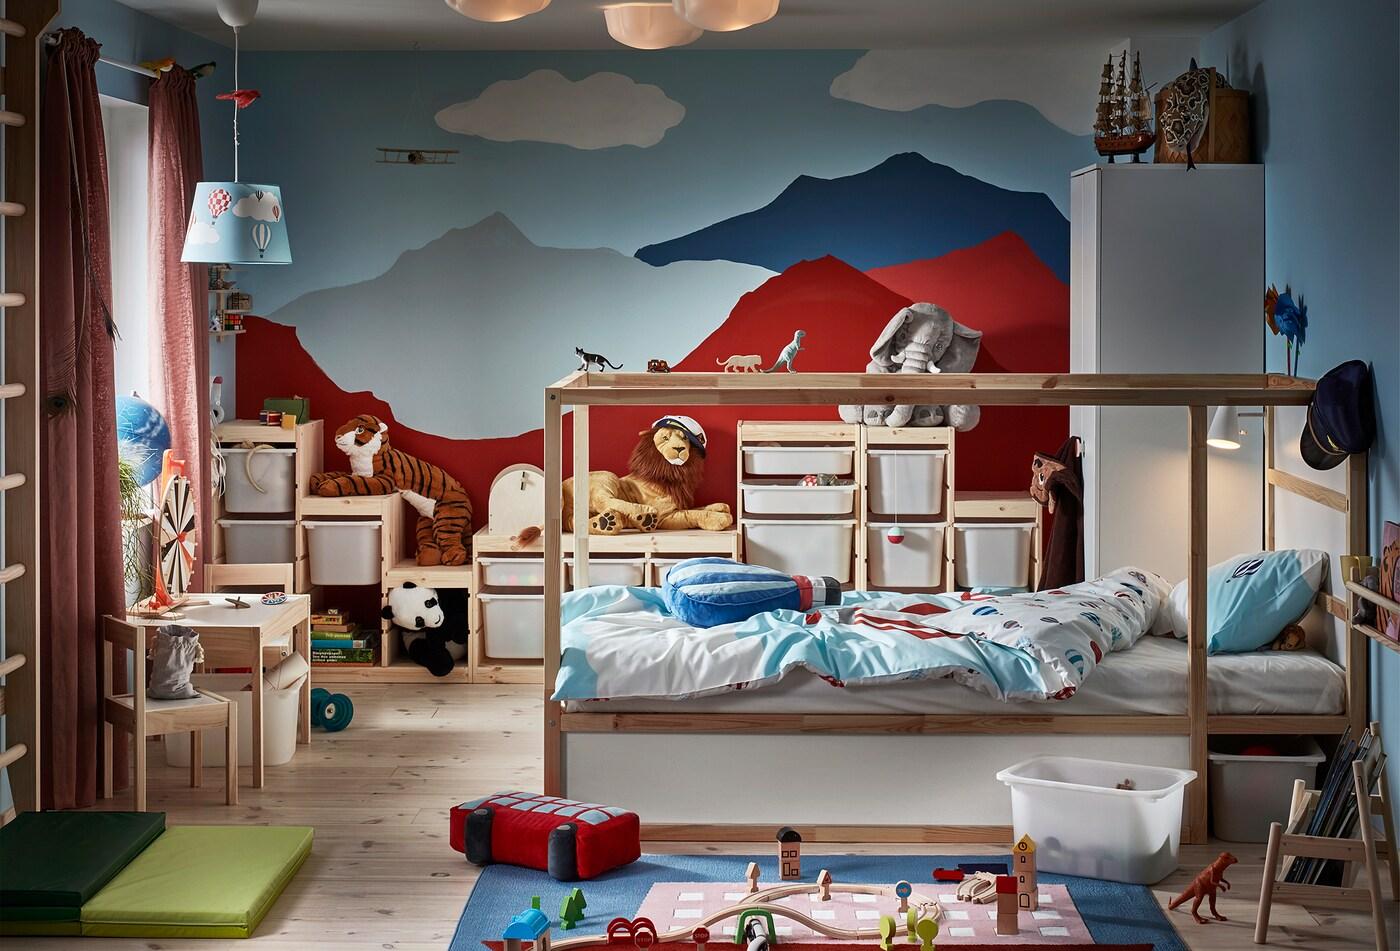 غرفة طفل يسيطر عليها بصريًا جدار خلفي عليها رسمات جبال. سرير قابل للانعكاس، حواجز حائط، ألعاب، تخزين متنوّع.